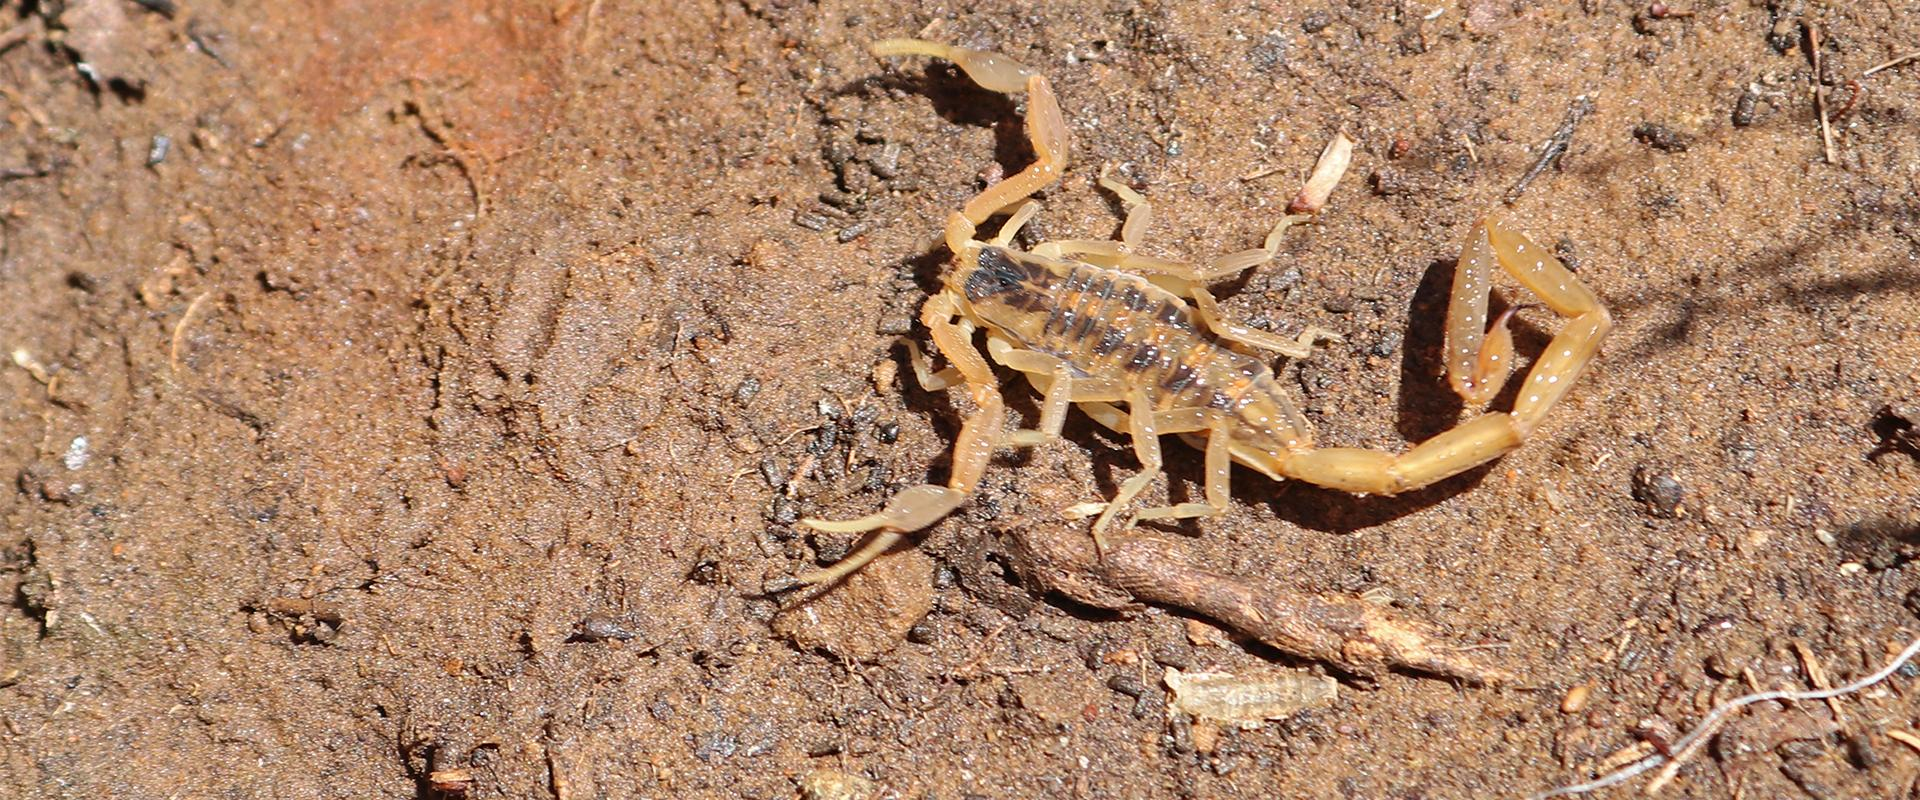 a scorpion in the dirt in fayetteville georgia